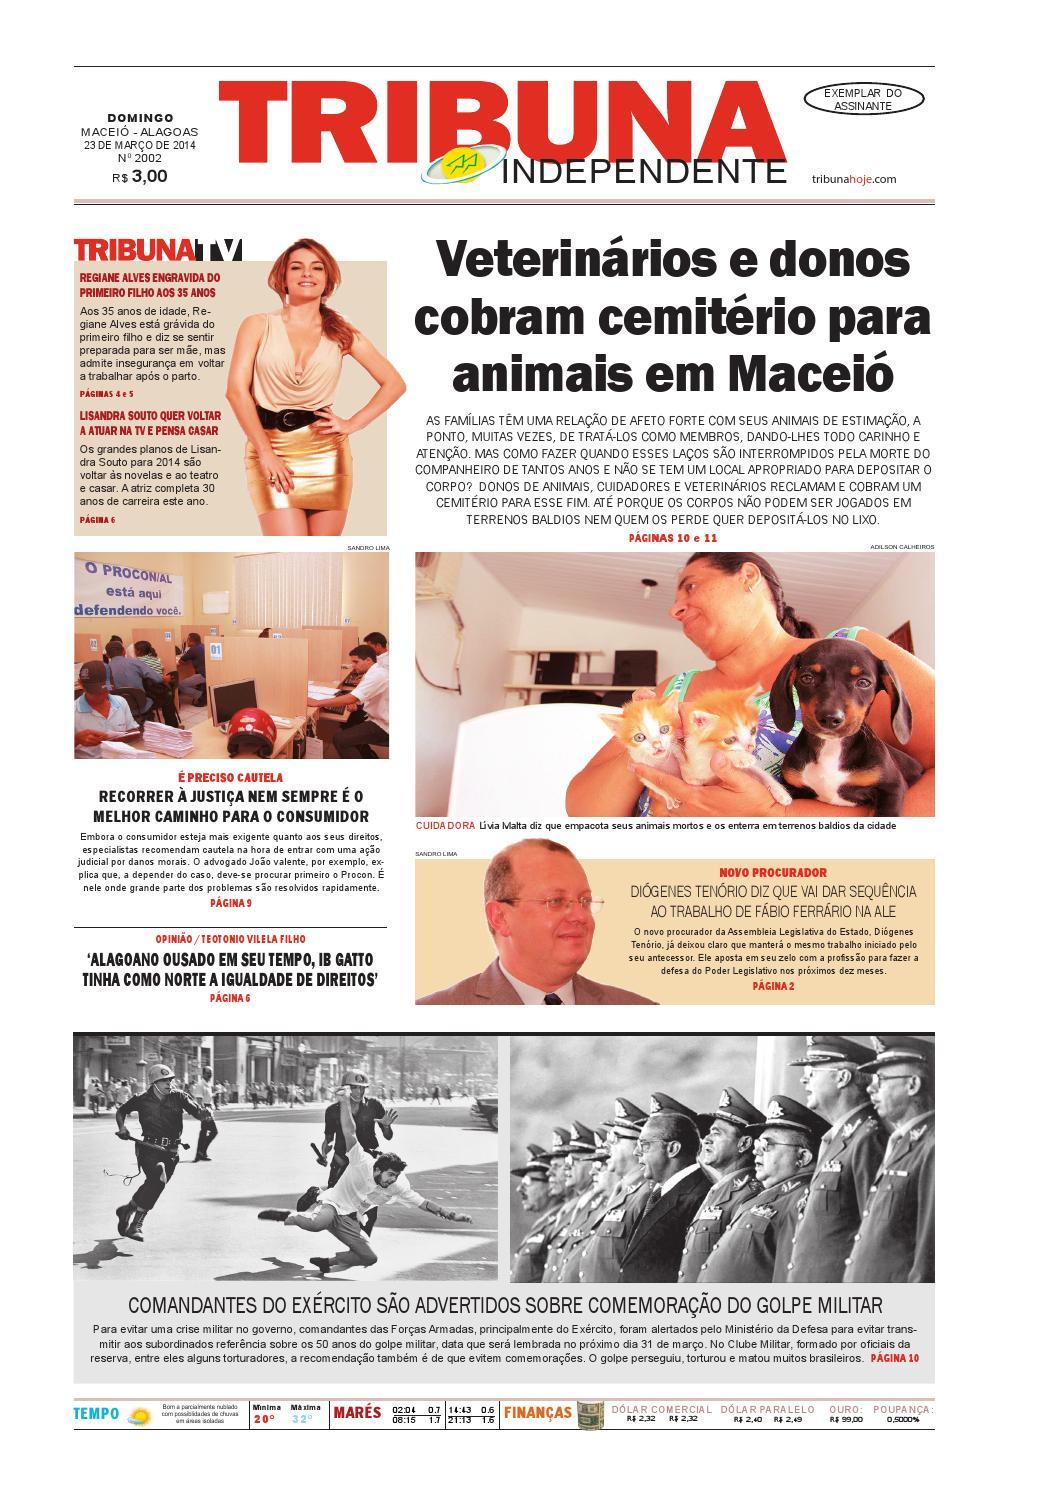 e42a394eb14bf Edição número 2002 - 23 de março de 2014 by Tribuna Hoje - issuu